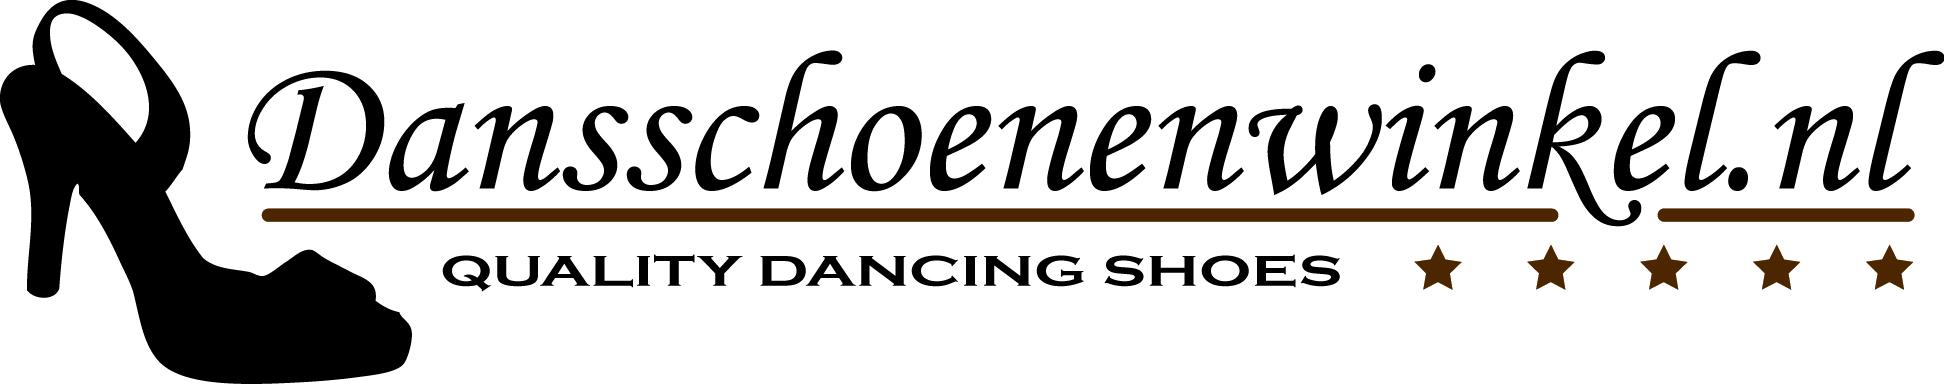 Logo www.dansschoenenwinkel.nl